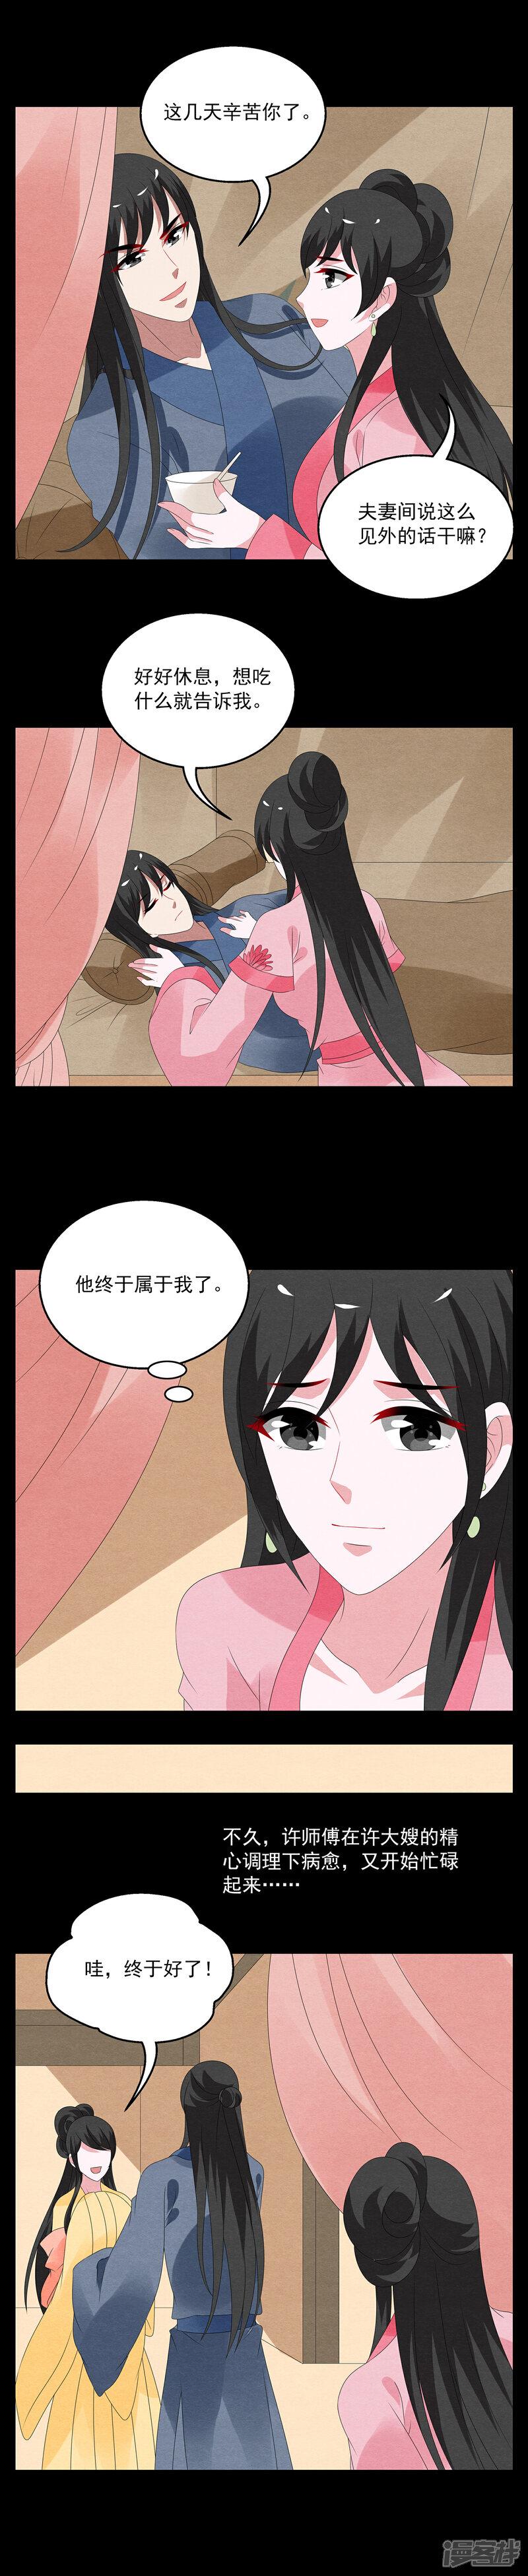 洛小妖124 (3).JPG